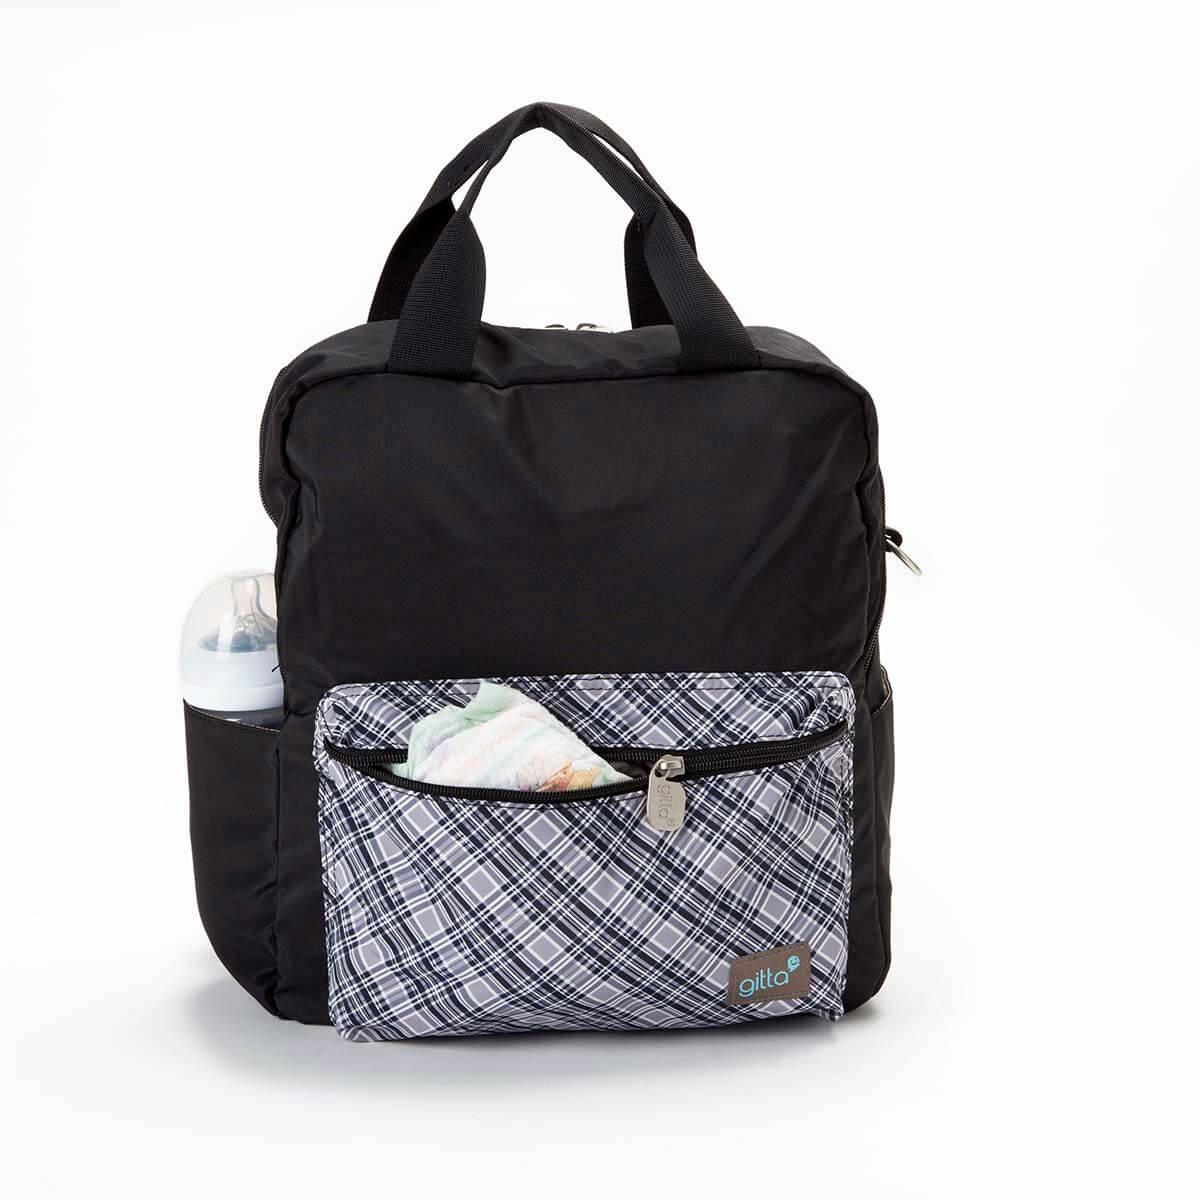 מגניב תיקים - בייביסטאר רשת חנויות מוצרי תינוקות | עגלות | כסאות בטיחות FY-75